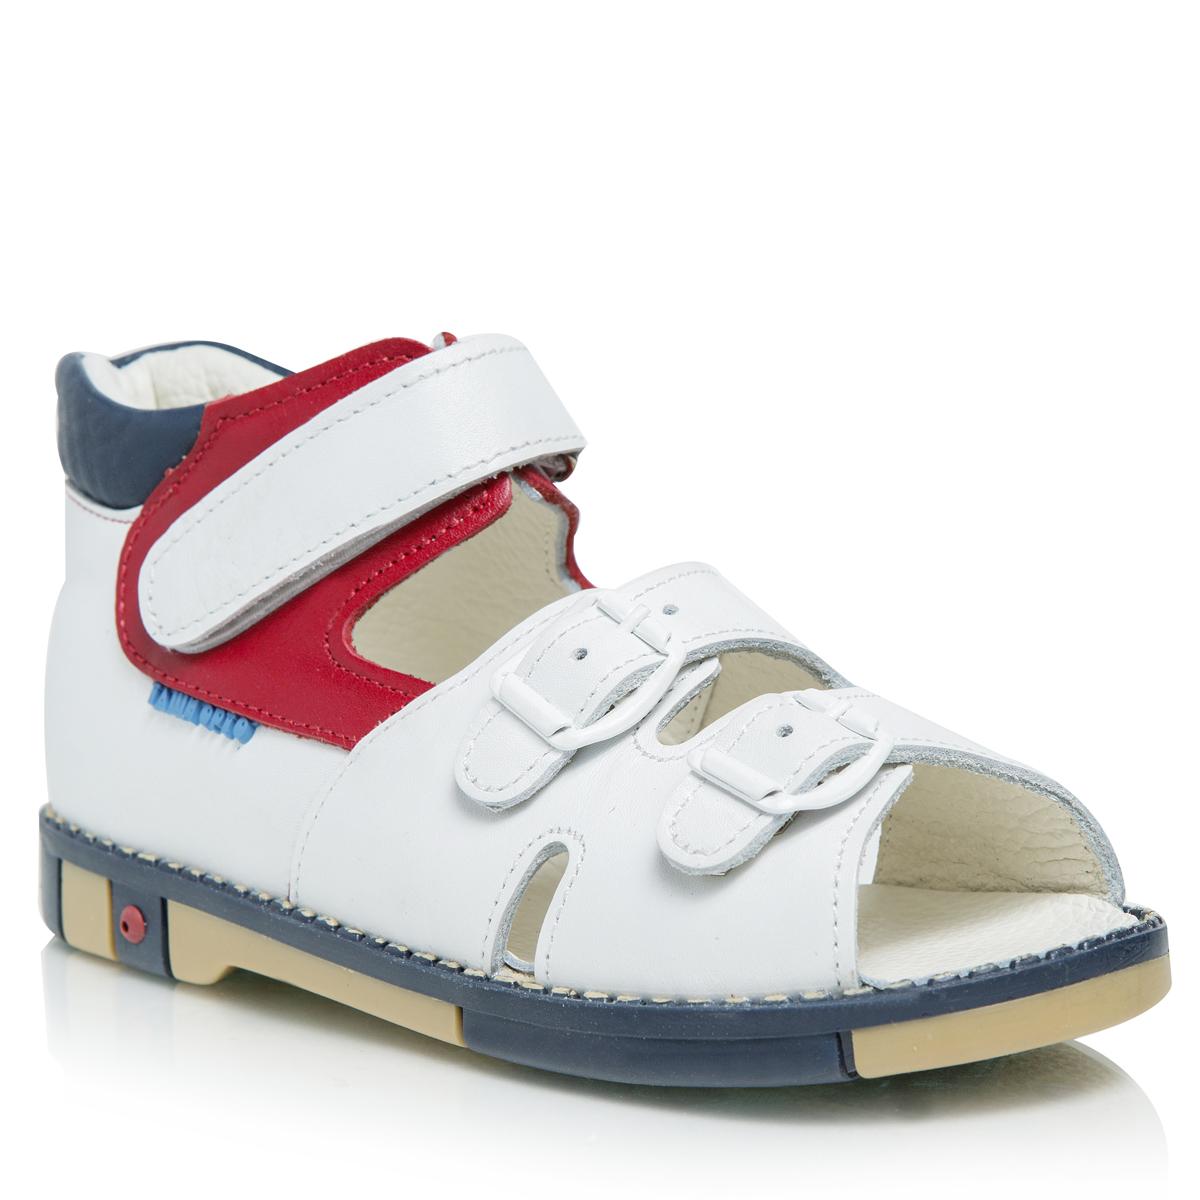 Сандалии401-17Оригинальные детские сандалии Таши Орто займут достойное место в гардеробе вашего ребенка. Модель выполнена из натуральной кожи контрастных цветов и дополнена по ранту декоративной прострочкой. Литая анатомическая стелька из натуральной кожи со сводоподдерживающим элементом и латексным покрытием, не продавливающаяся во время носки, обеспечивает правильное формирование стопы. Благодаря использованию современных внутренних материалов позволяет оптимально распределить нагрузку по всей площади стопы, дает ножке ощущение мягкости и комфорта. Мягкая верхняя часть, которая плотно прилегает к ножке, и подкладка, изготовленная из натуральной кожи, позволяют избежать натирания. Полужесткий задник фиксирует ножку ребенка, не давая ей смещаться из стороны в сторону и назад. Ремешок на застежке-липучке и два ремешка в области подъема на застежке-пряжке помогают оптимально подогнать полноту обуви по ноге и гарантируют надежную фиксацию. Сбоку сандалии декорированы символикой бренда....